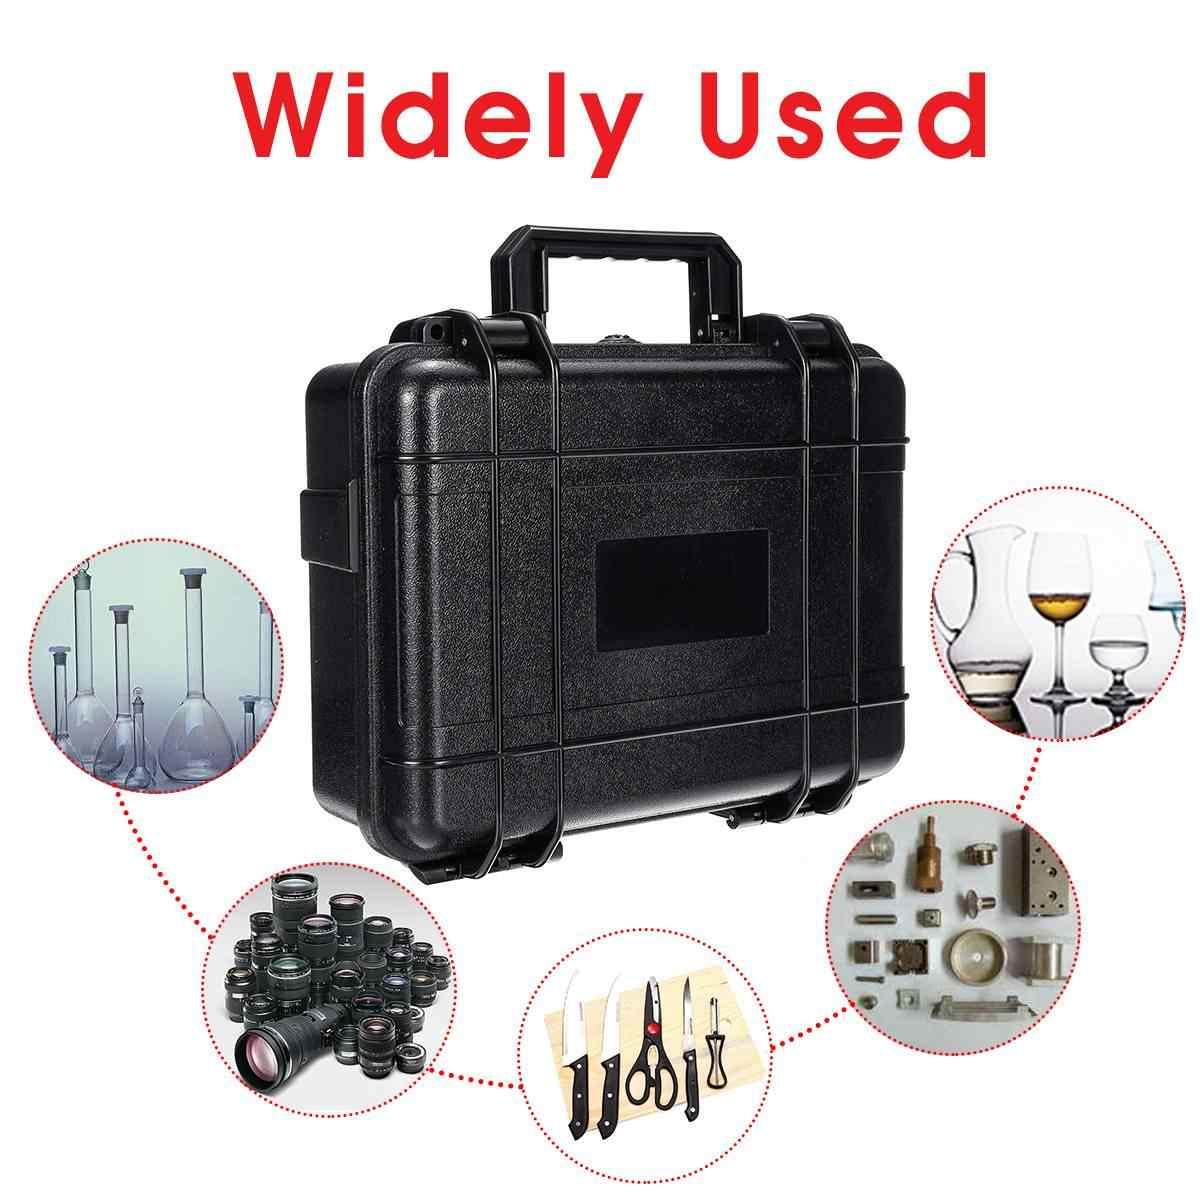 Водонепроницаемый защитный чехол ABS пластиковый ящик для инструментов Тактический сухой ящик герметичное безопасное оборудование ящик для хранения инструментов открытый контейнер для инструментов